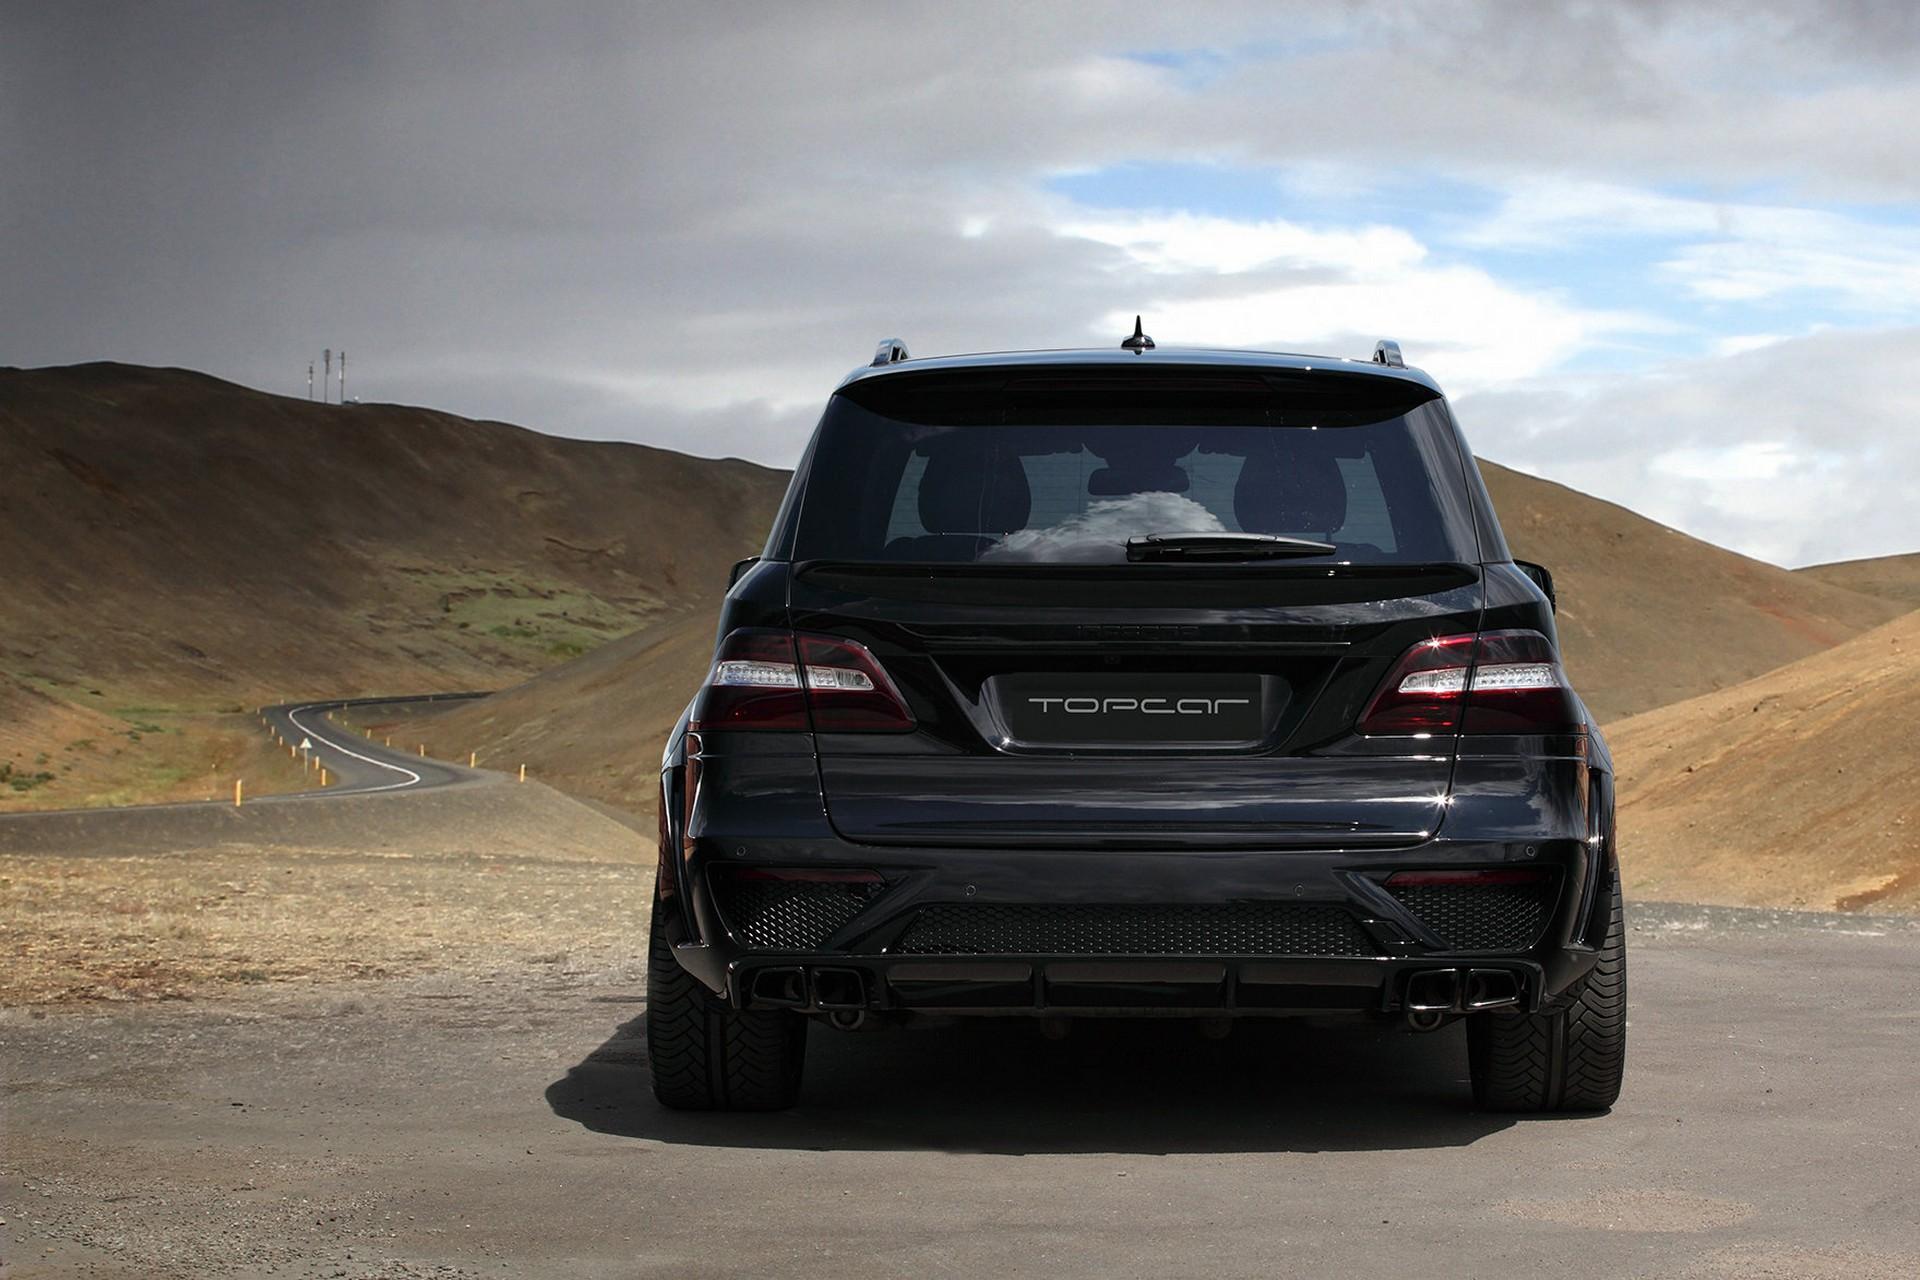 Mercedes Benz ML 6.3 AMG INFERNO Black.